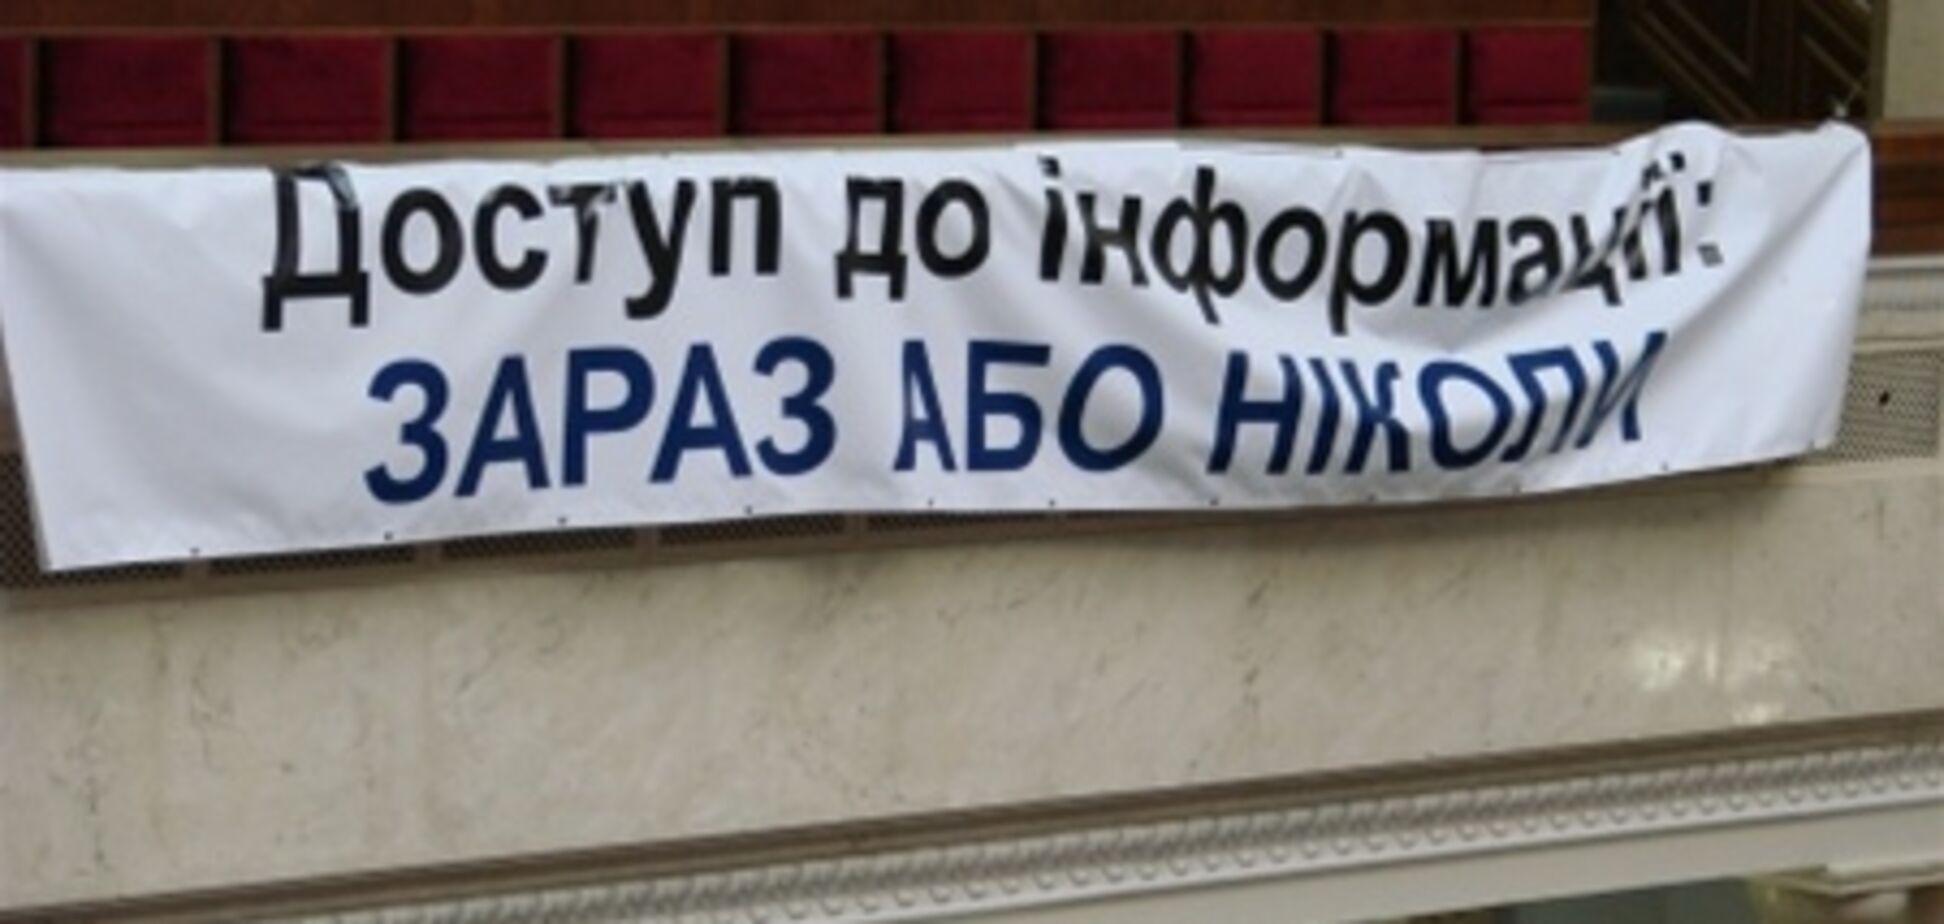 Українцям не цікавий доступ до публічної інформації - опитування